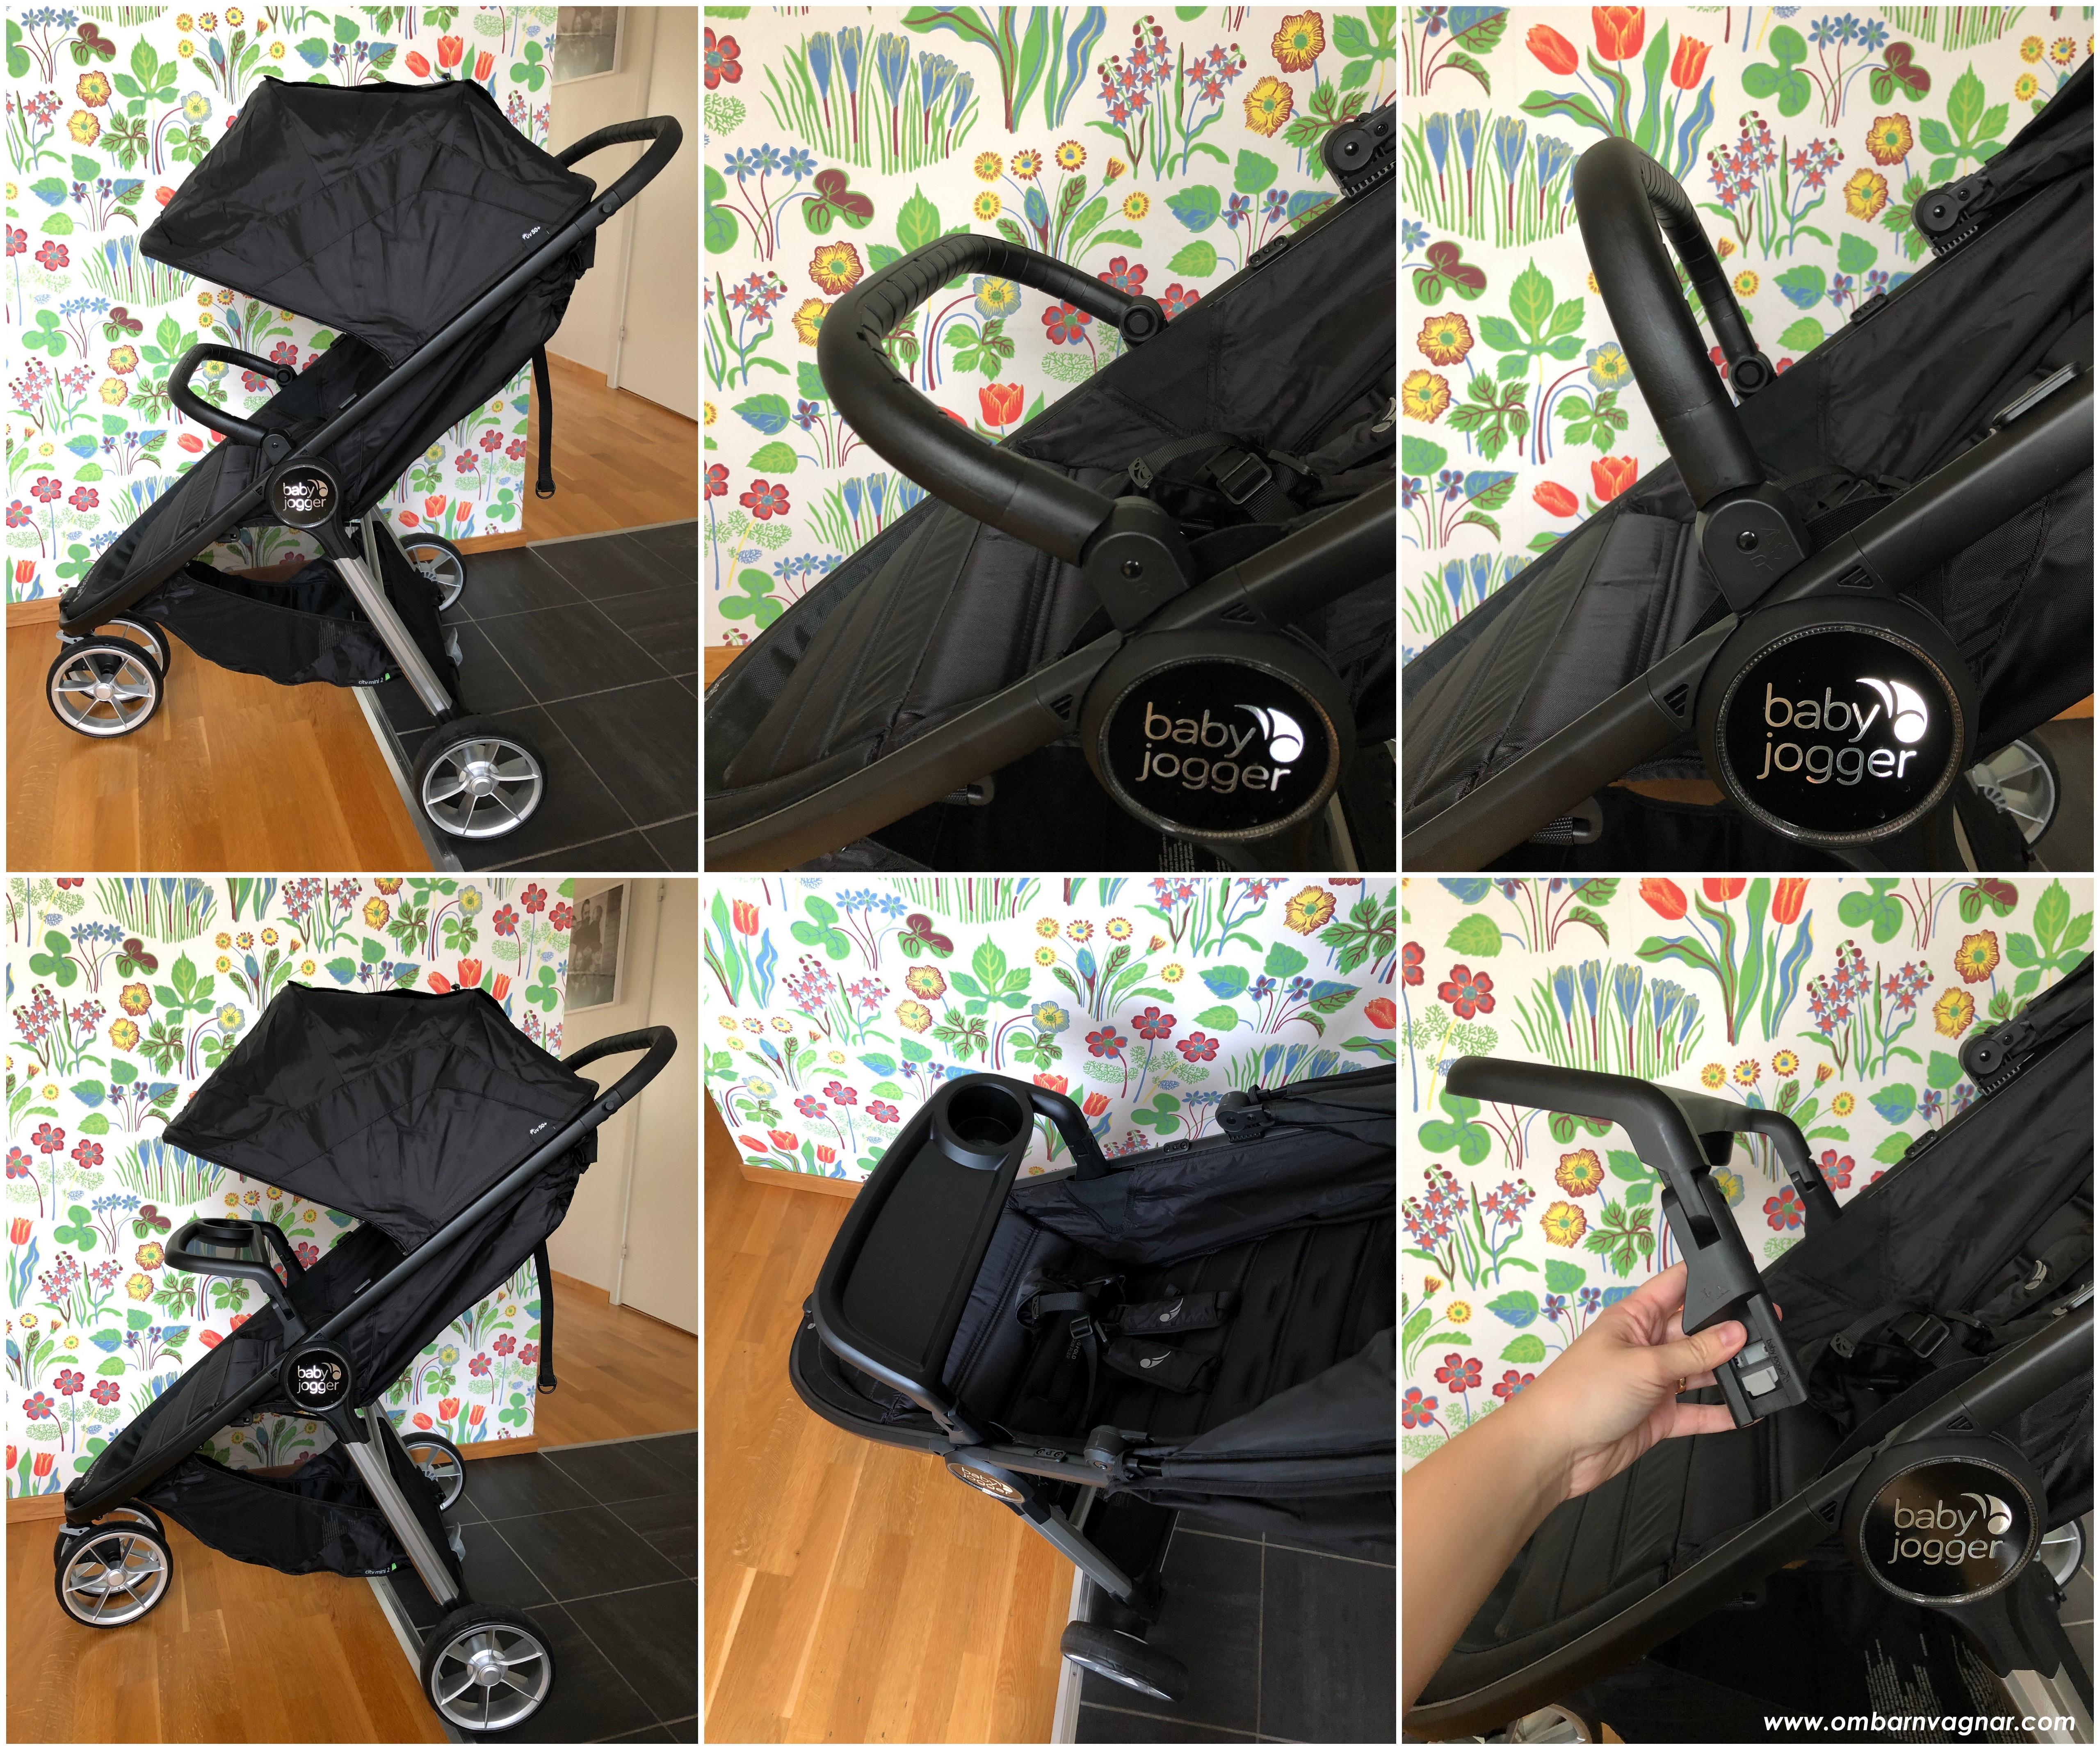 Både bygel och snack tray finns som tillbehör till Baby Jogger City Mini 2 4W